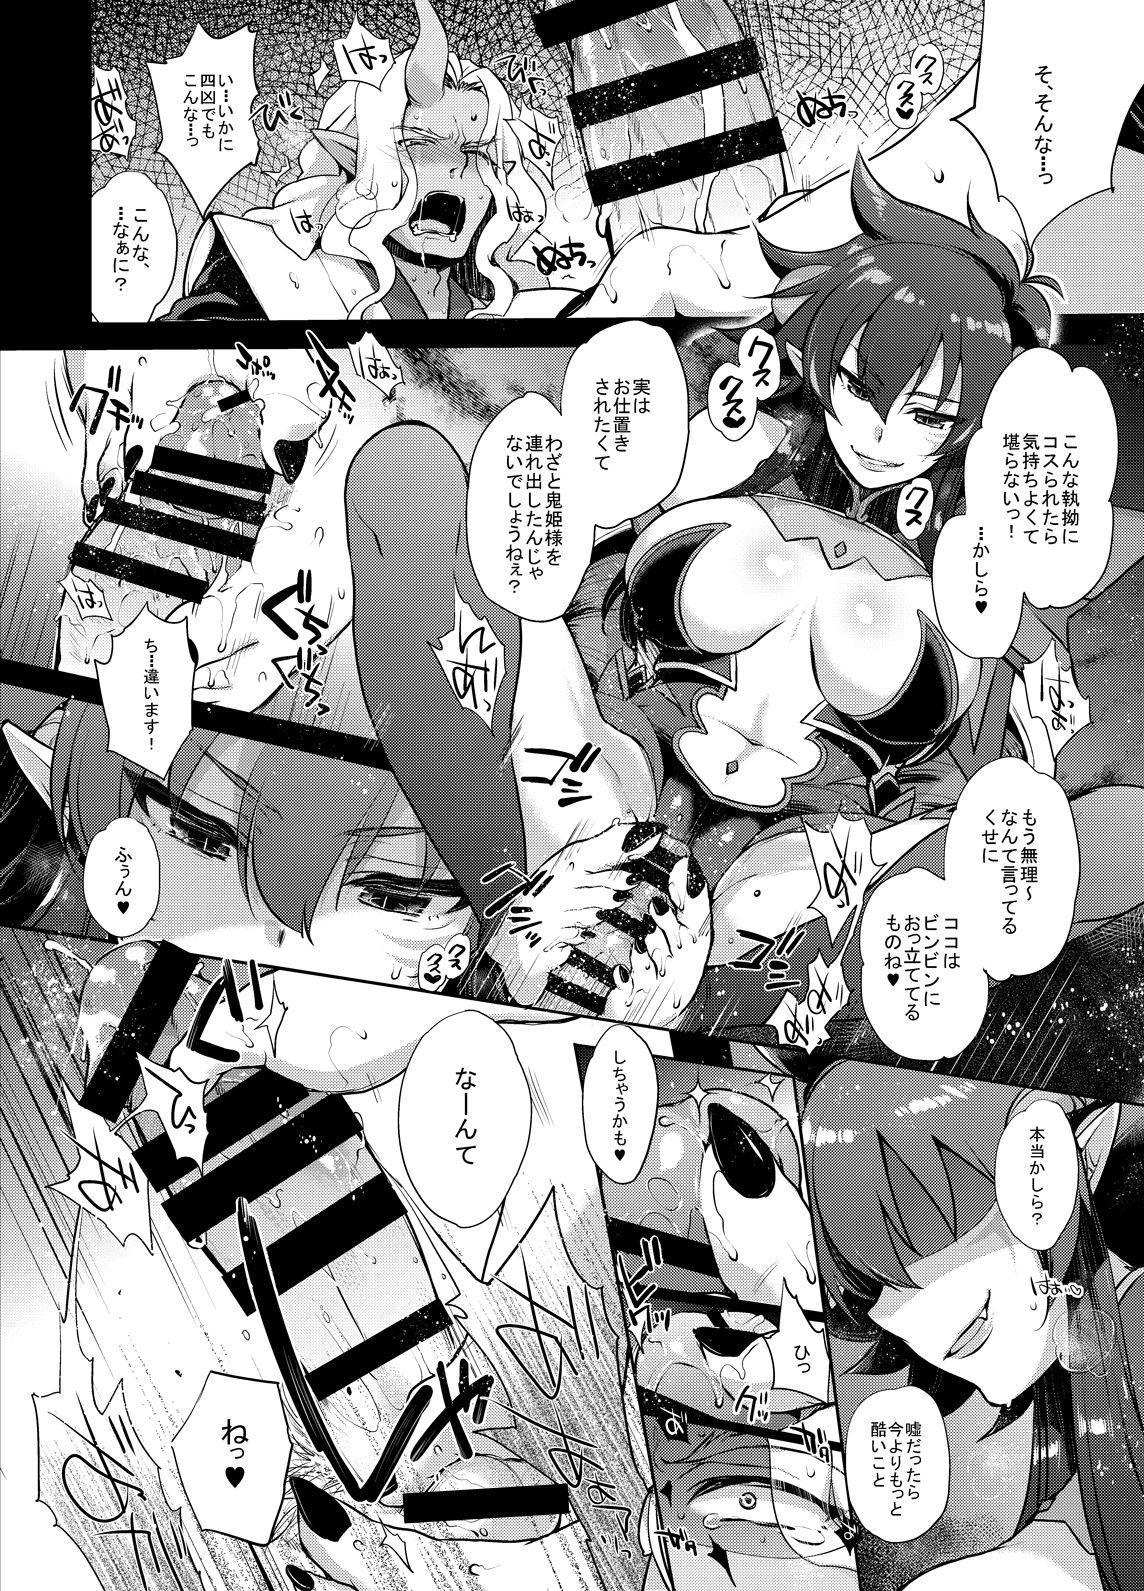 PachiSuro-kei Doujinshi Matome Pack 99